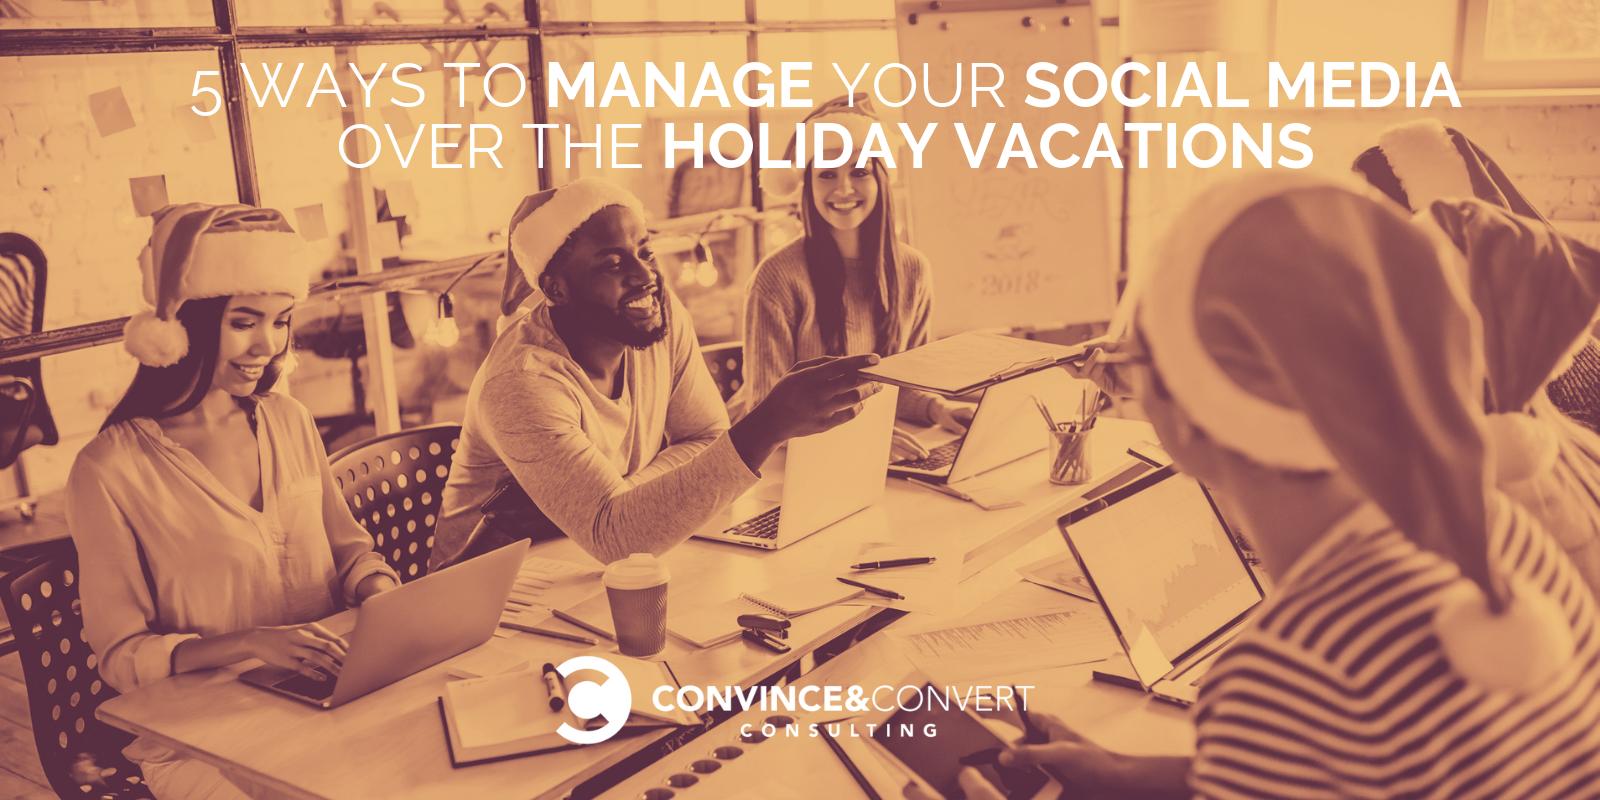 come gestire i social media durante le vacanze